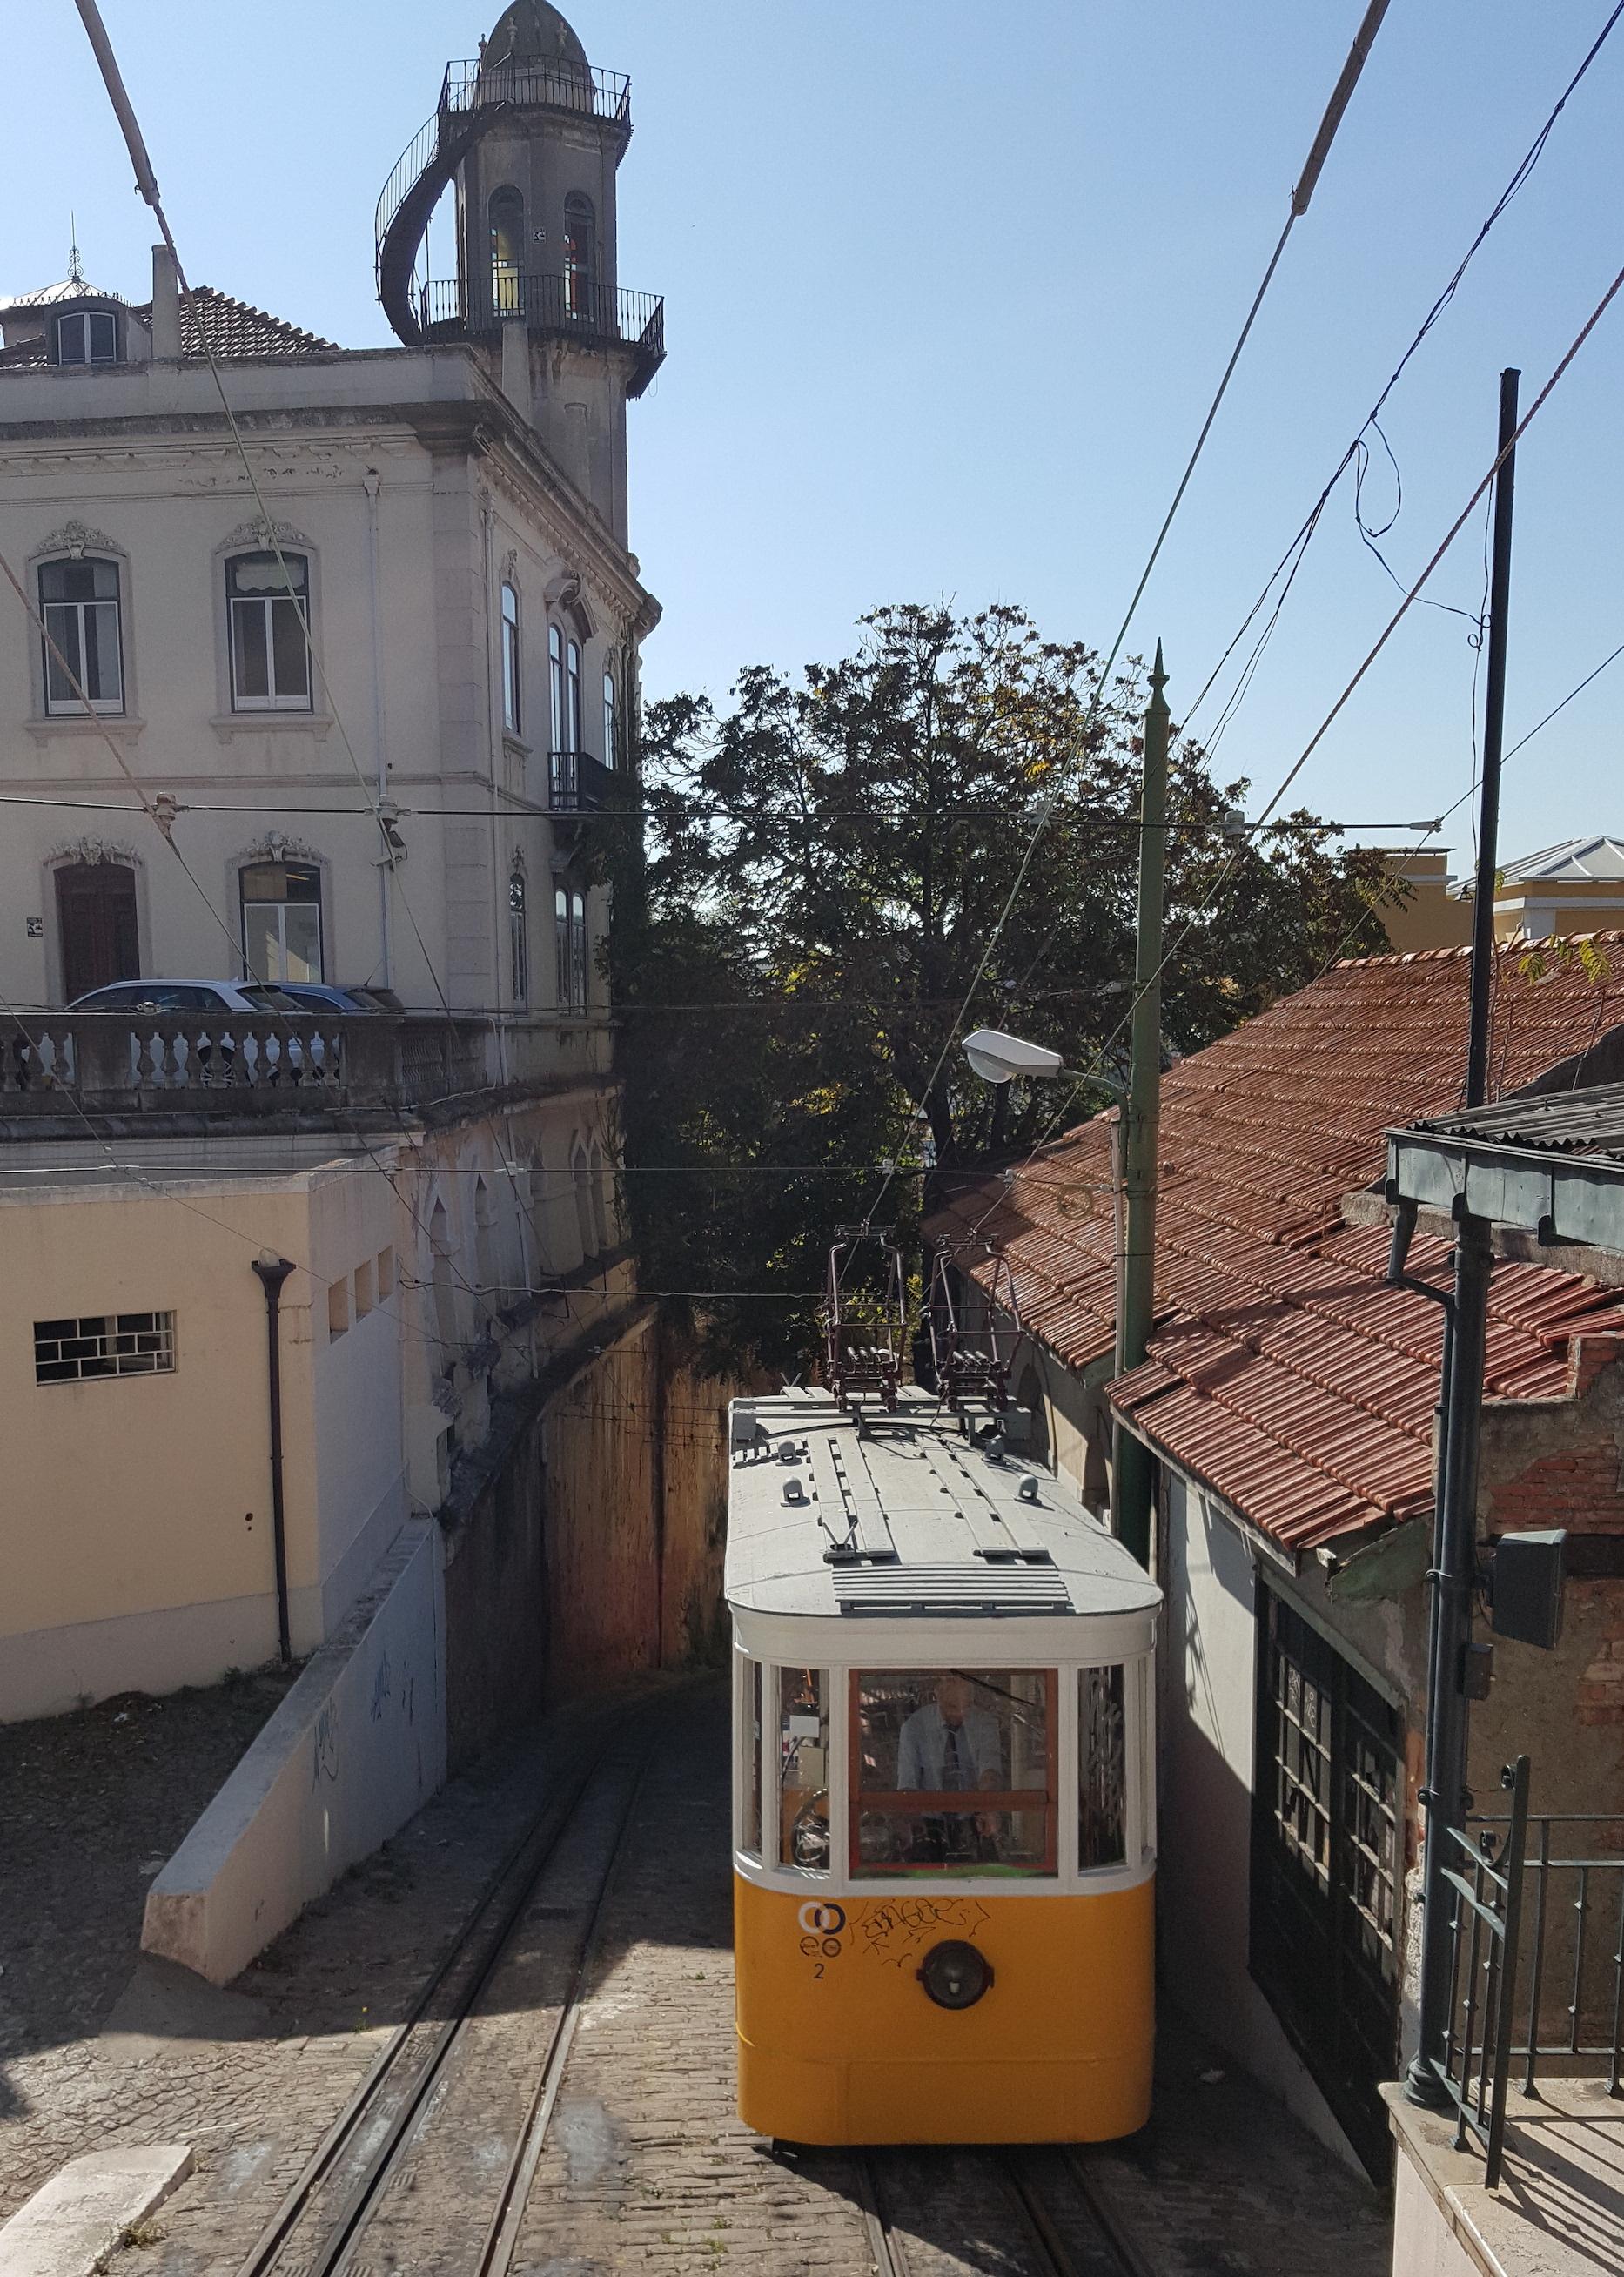 Los elevadores o funiculares son esenciales para subir a los barrios lisboetas que se ubican en sus colinas (Fotografía Espiral21).